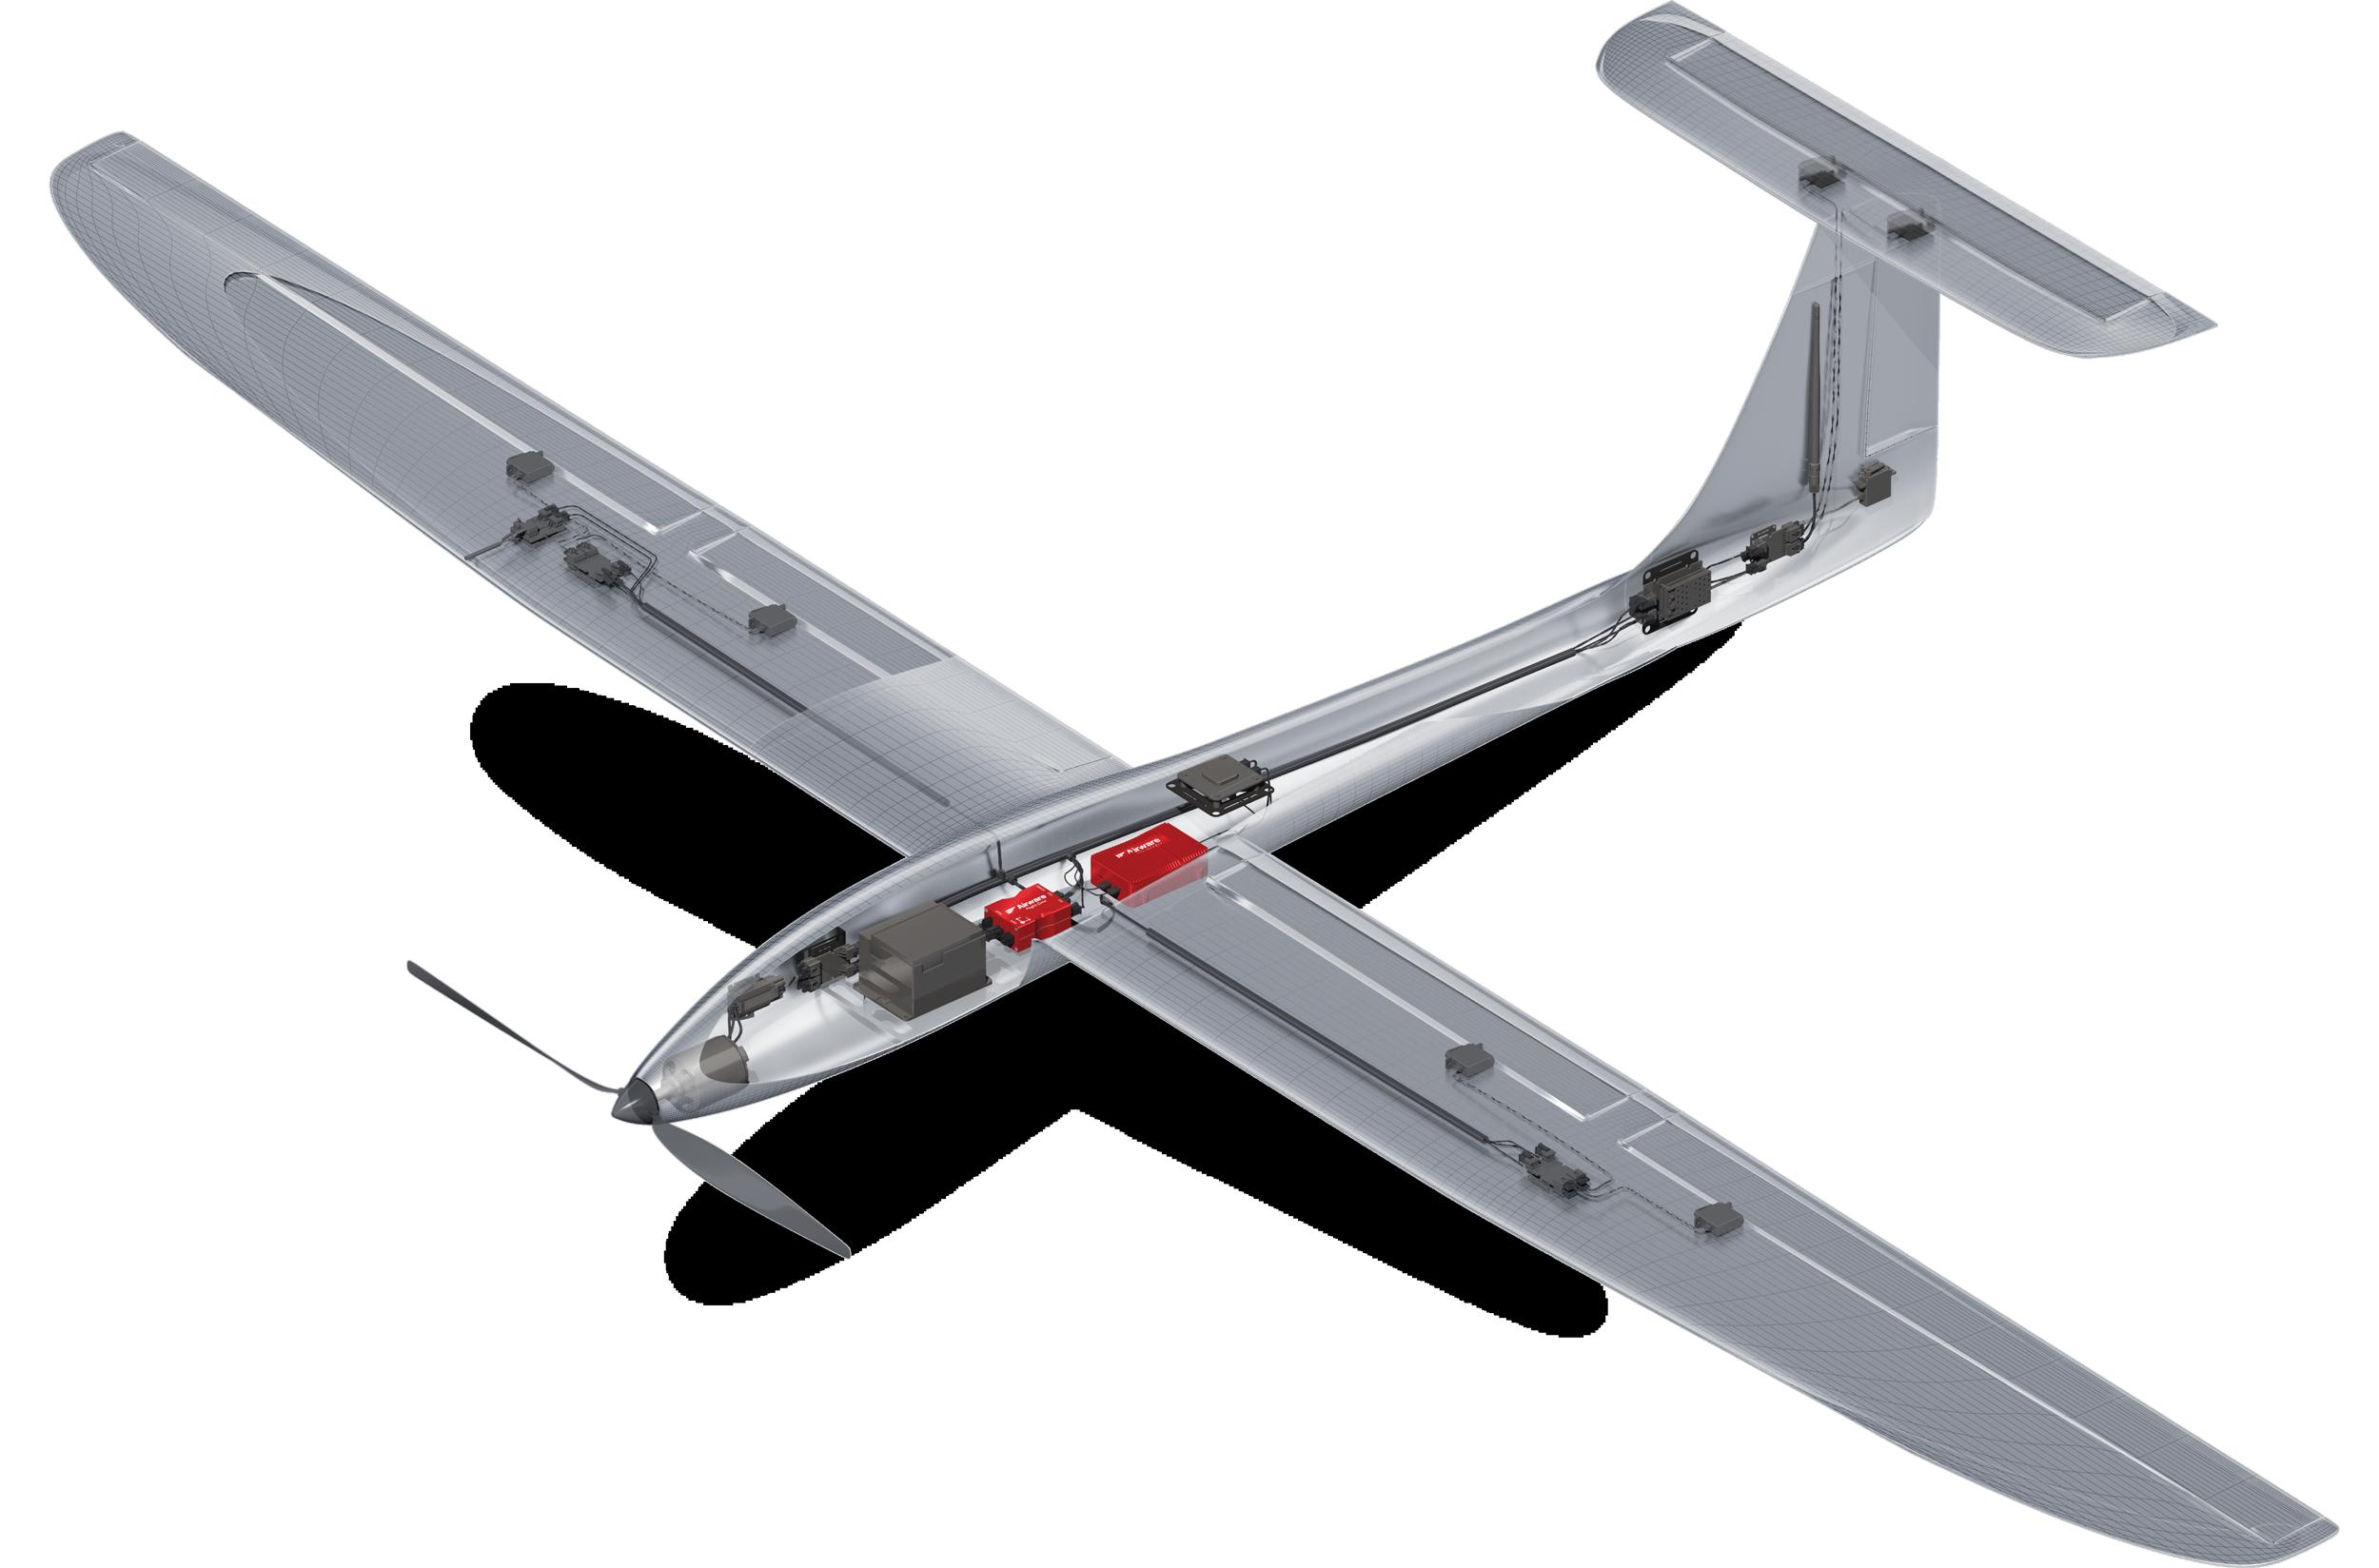 plane-929b0dada8fc25affe623f64b7bb5797 (1)